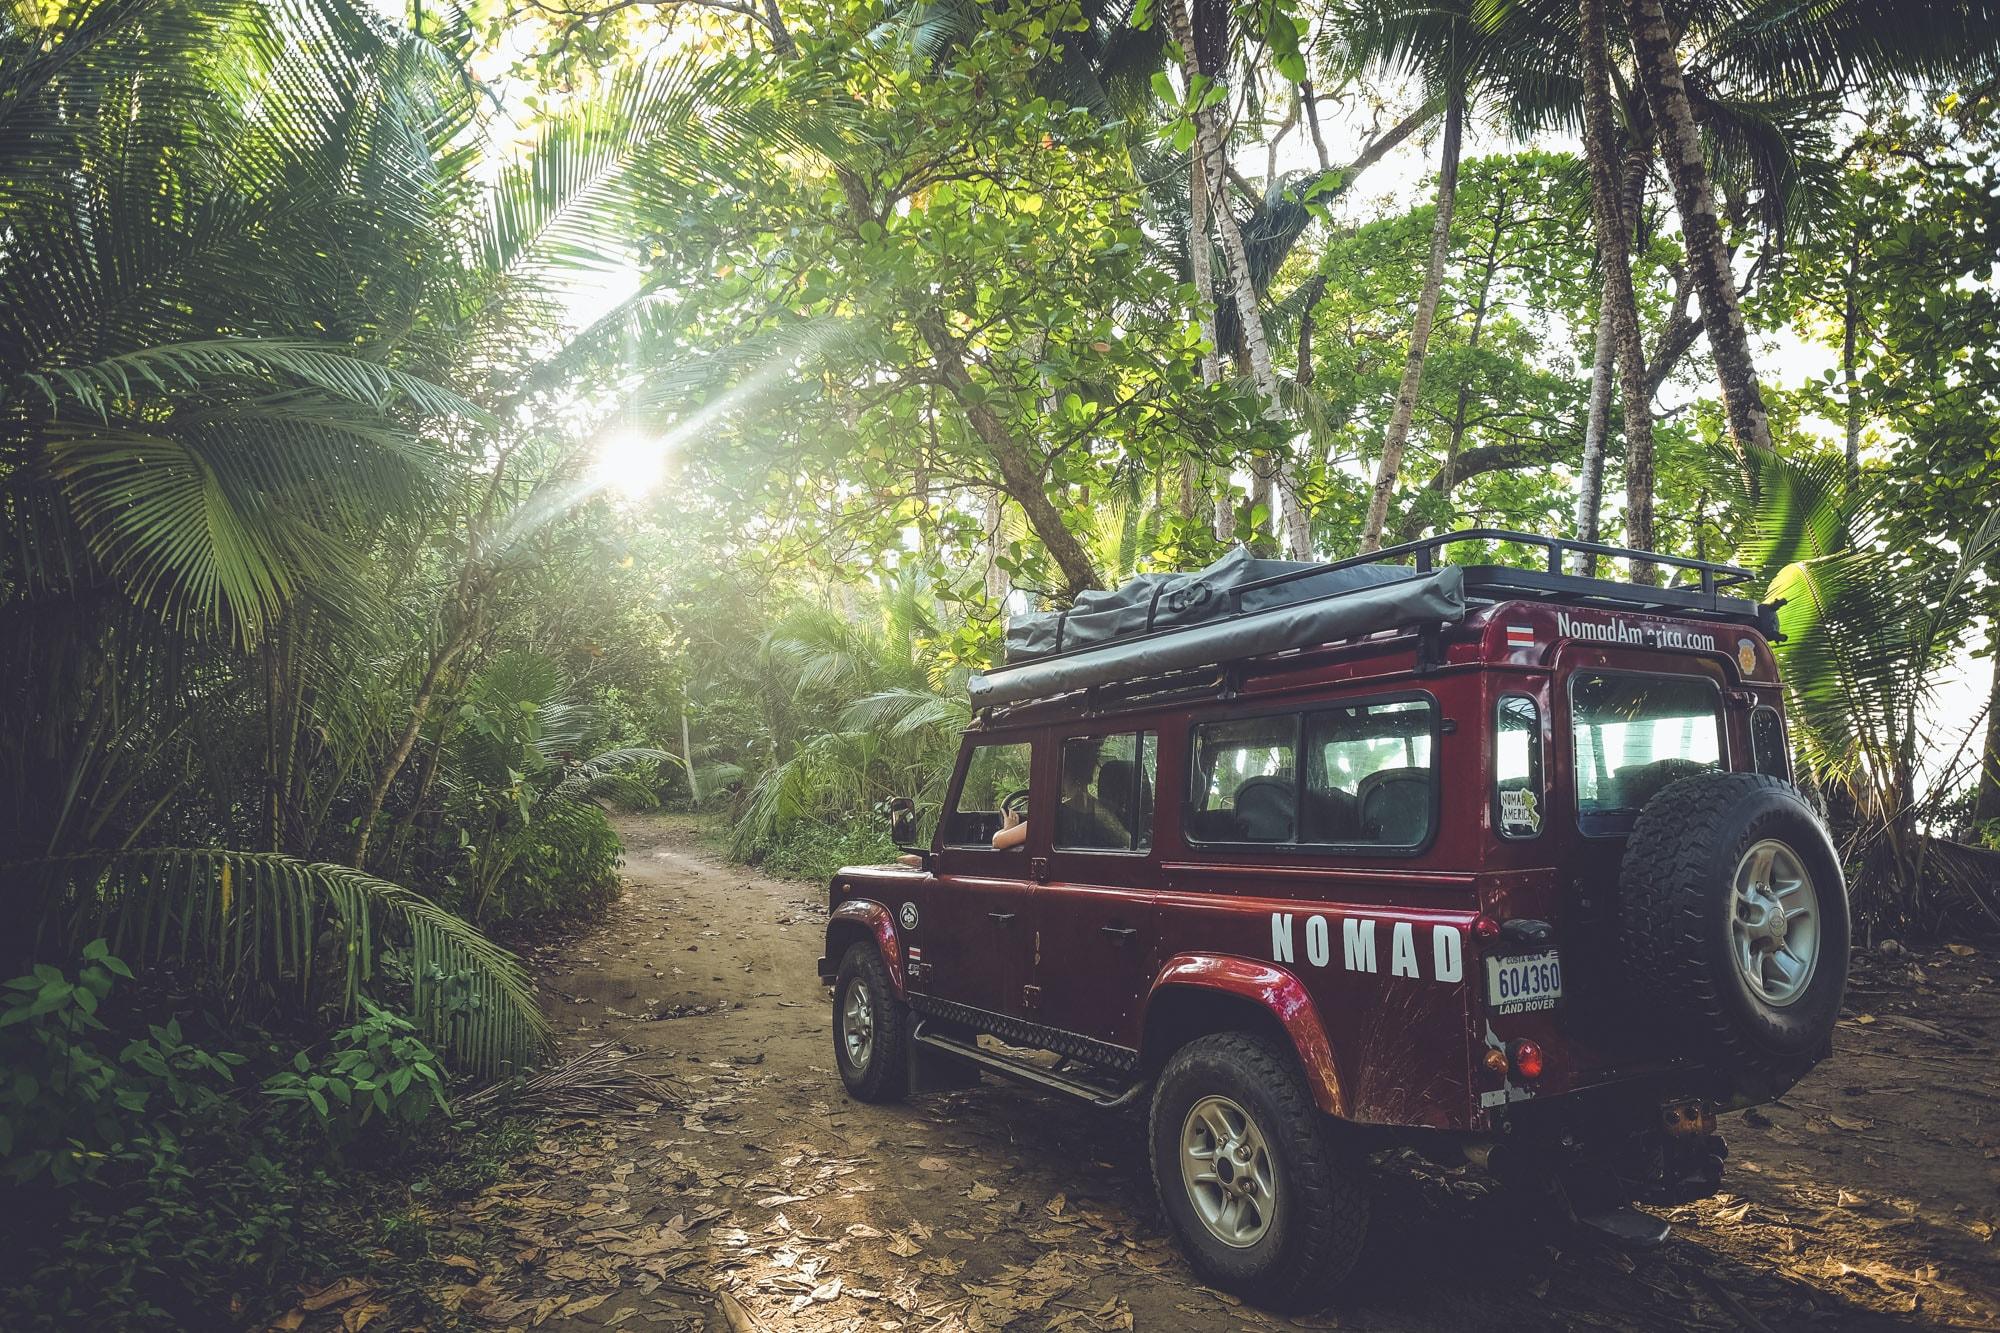 4x4 met daktent huren Costa Rica | Roadtrip | Reisblog